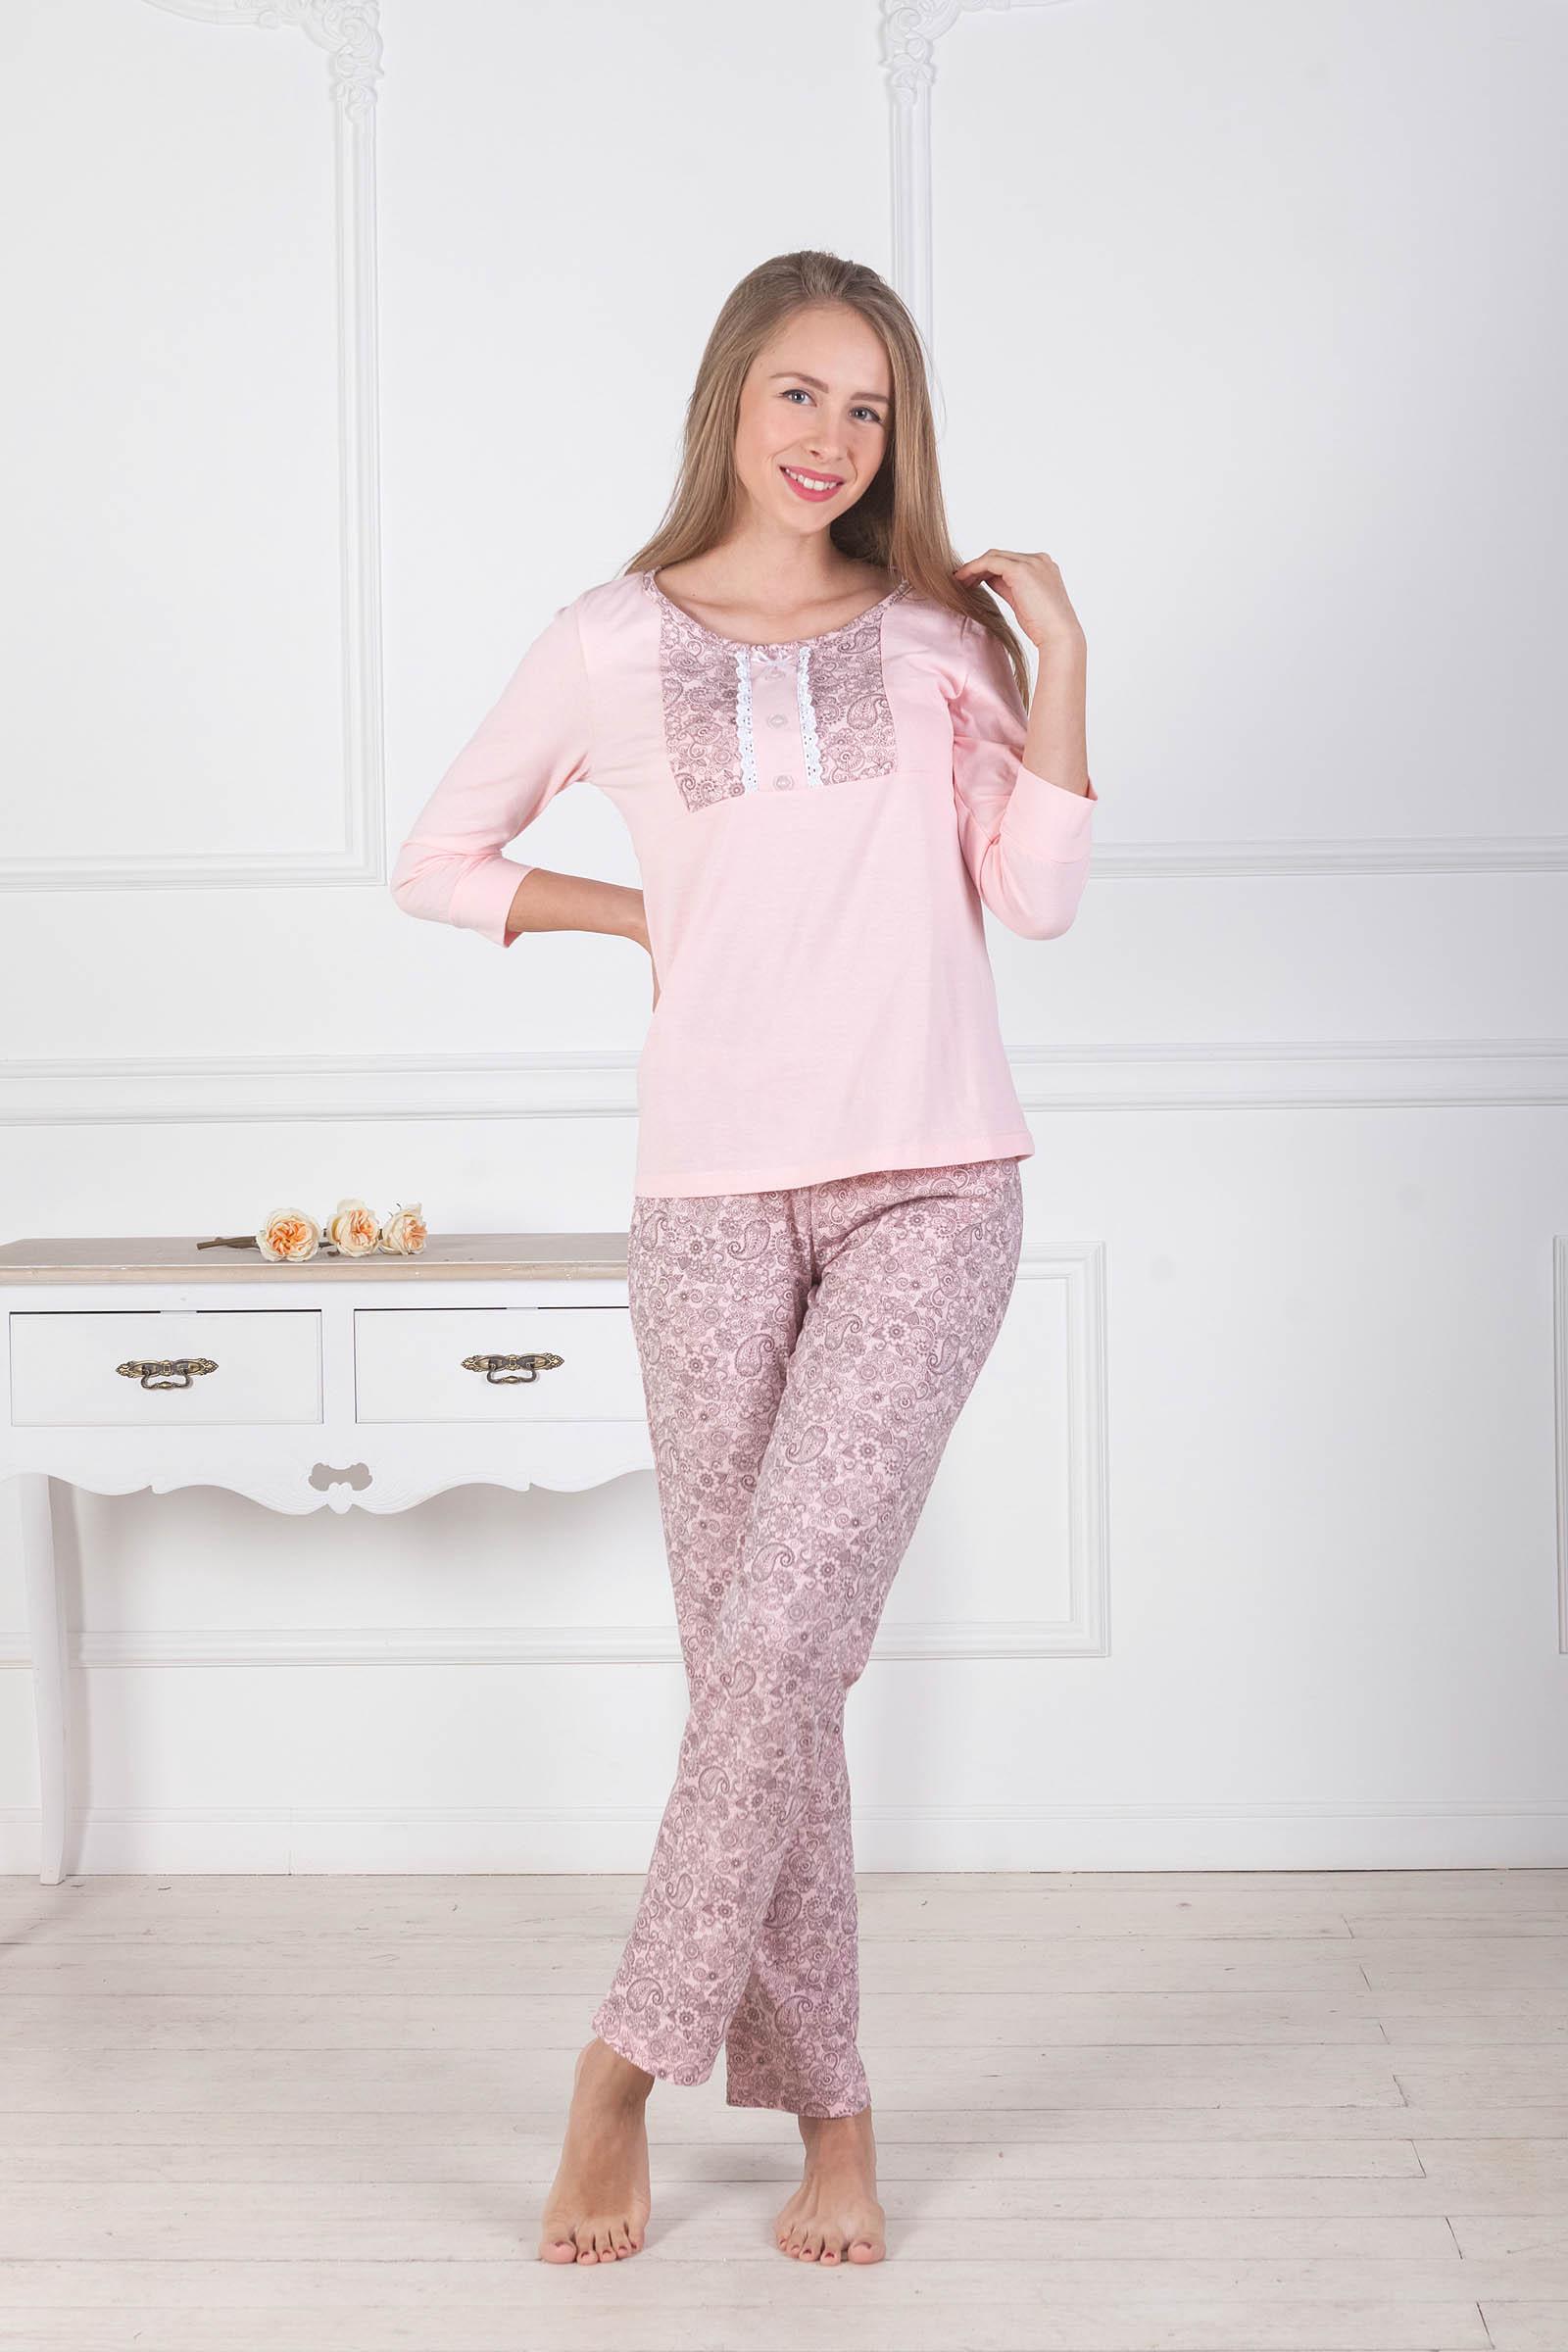 Пижамы Pastilla Пижама Лотос (xxL-xxxL) пижамы la pastel пижама кофта с запахом длинный рукав штаны длинные белый голубой размер xl